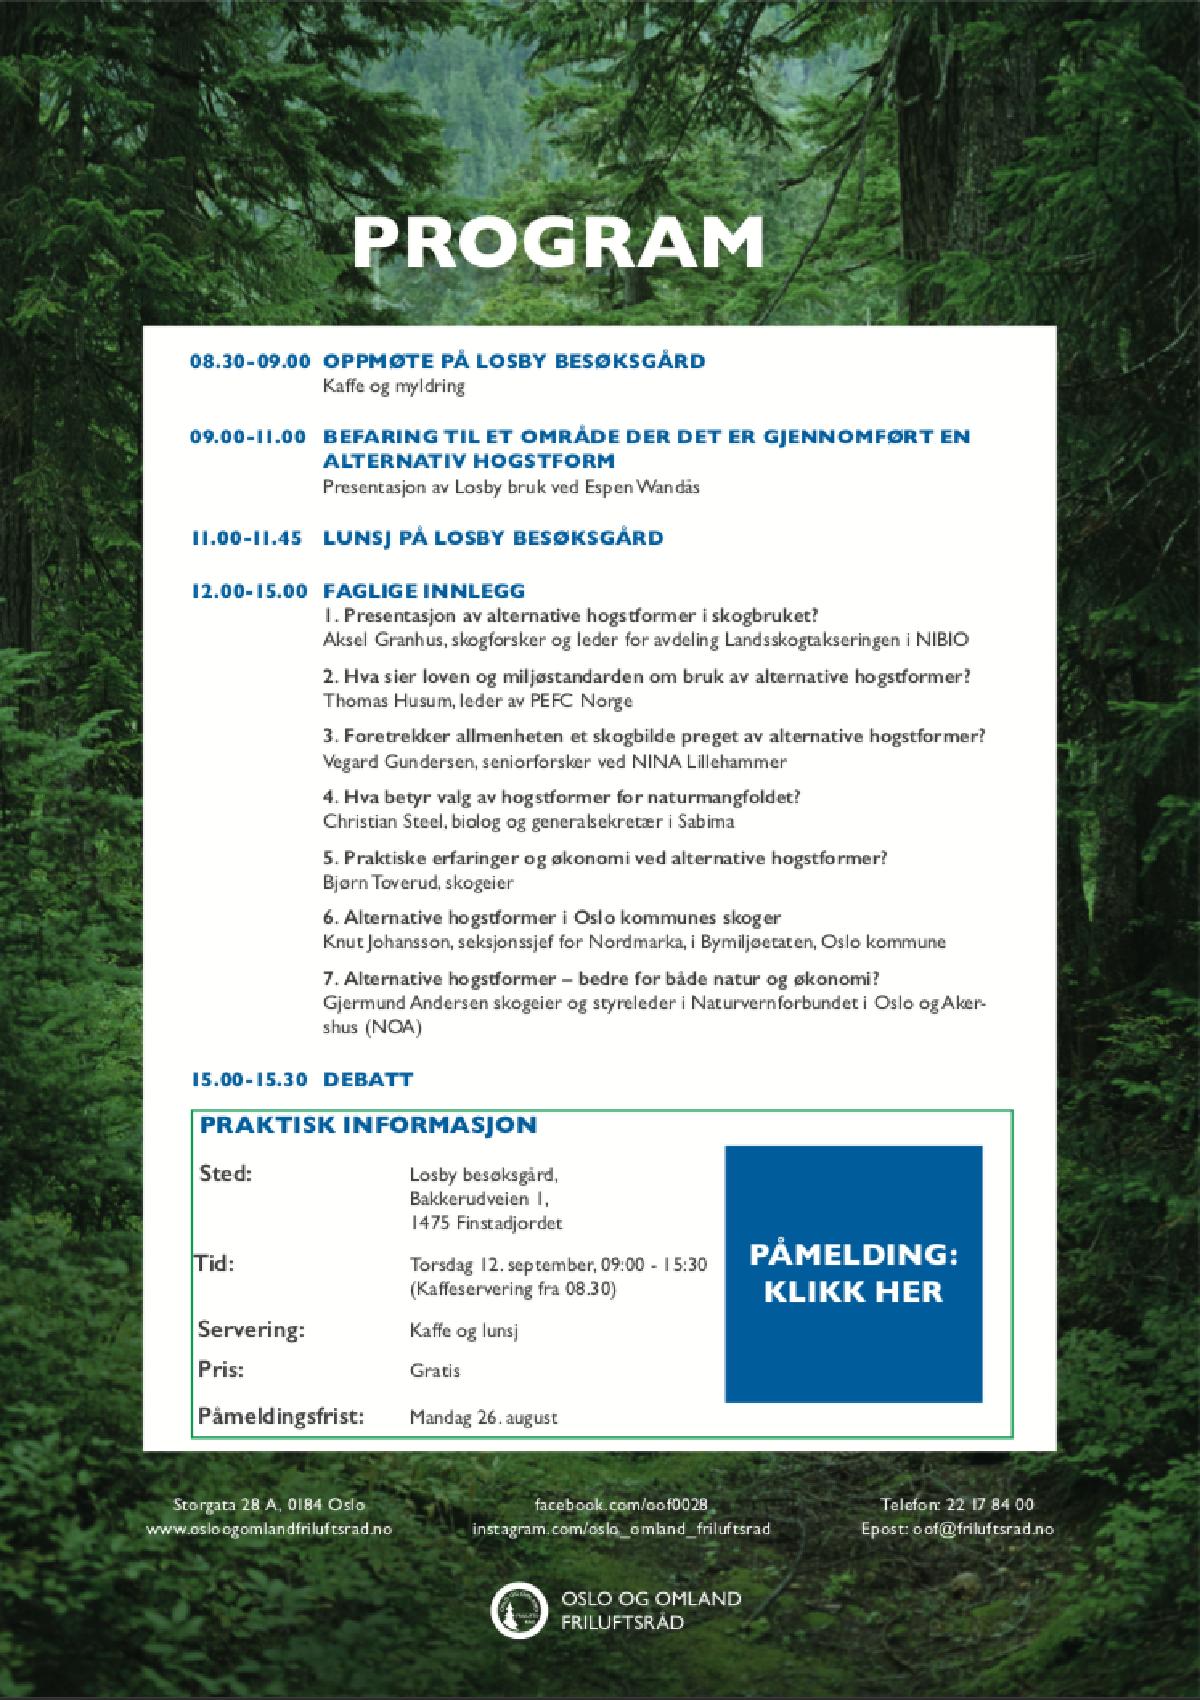 Skjermbilde 2019-08-19 kl. 16.50.26.png